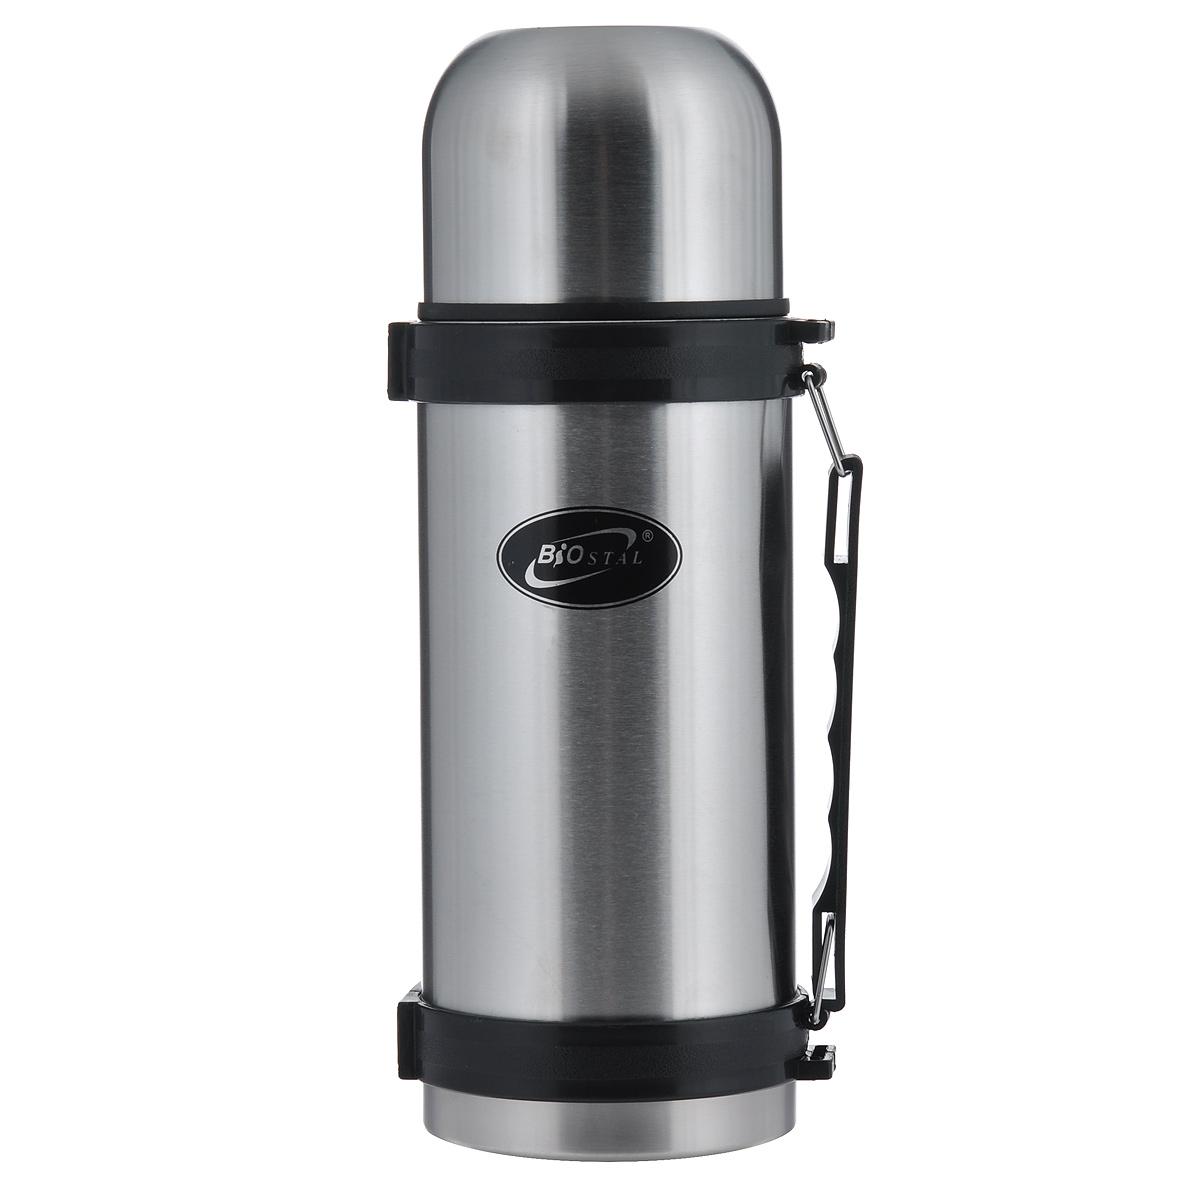 Термос BIOSTAL, 1 л. NY-1000-2106732Термос с узким горлом BIOSTAL, изготовленный из высококачественной нержавеющей стали, относится к классической серии. Термосы этой серии, являющейся лидером продаж, просты в использовании, экономичны и многофункциональны. Термос предназначен для хранения горячих и холодных напитков (чая, кофе) и укомплектован пробкой с кнопкой. Такая пробка удобна в использовании и позволяет, не отвинчивая ее, наливать напитки после простого нажатия. Изделие также оснащено крышкой-чашкой, и удобной пластиковой ручкой. Легкий и прочный термос BIOSTAL сохранит ваши напитки горячими или холодными надолго.